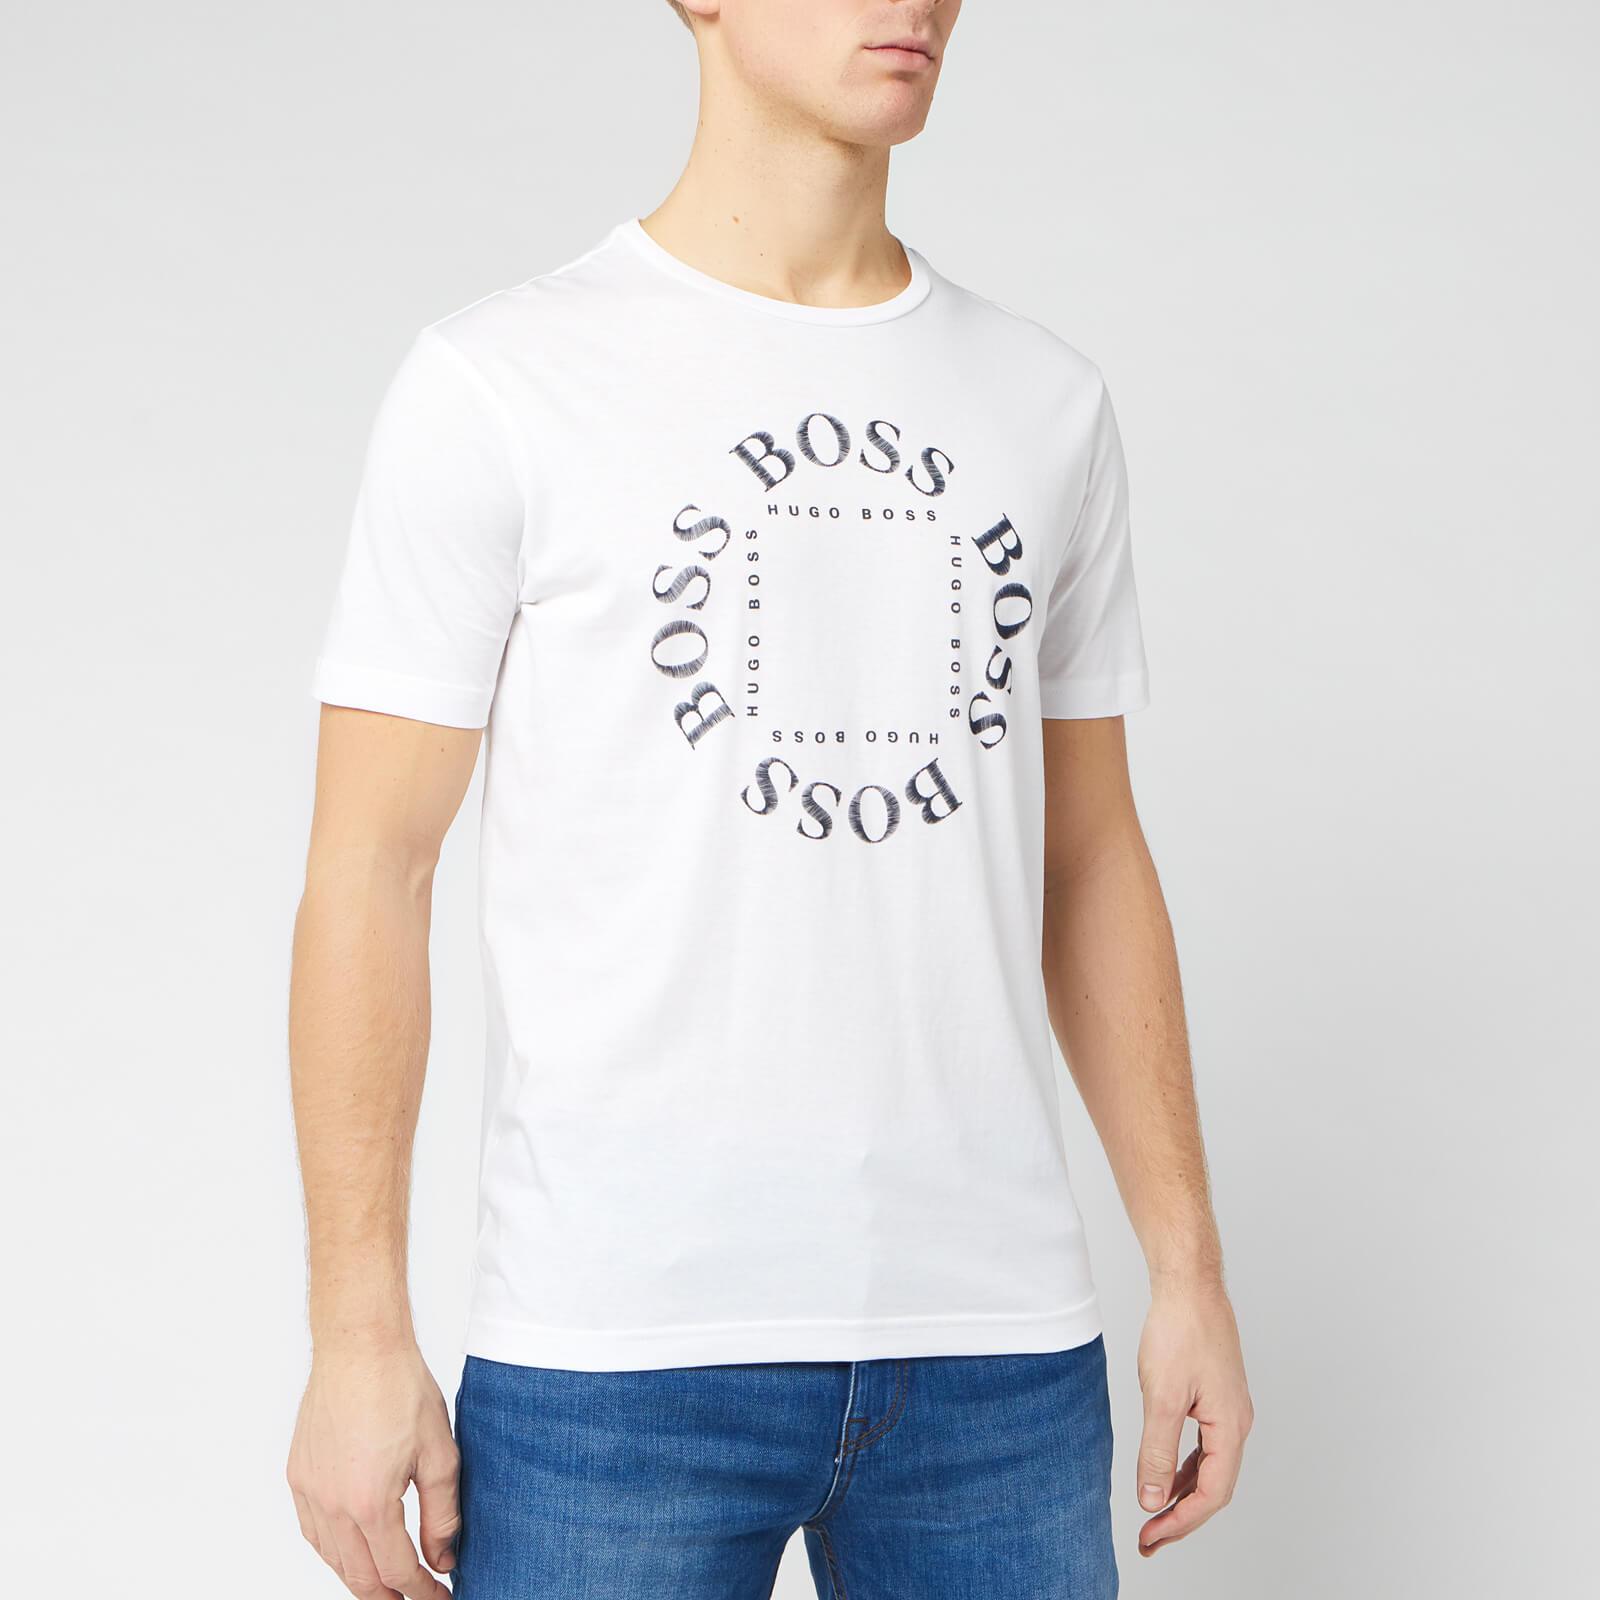 Boss Men's T-Shirt 1 - White - M